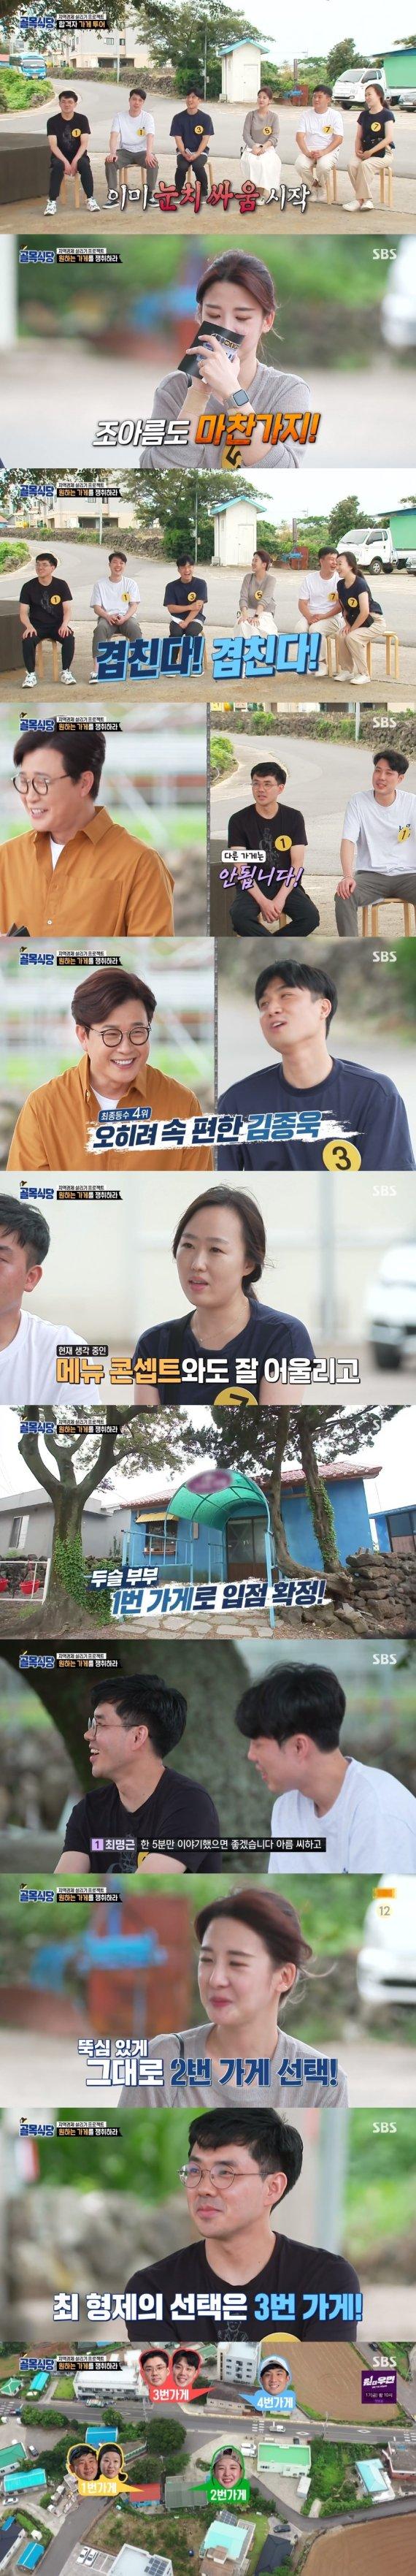 '골목식당' 조아름 vs 최 형제, 똑같이 2번 가게 원했다…눈치 싸움 [RE:TV]